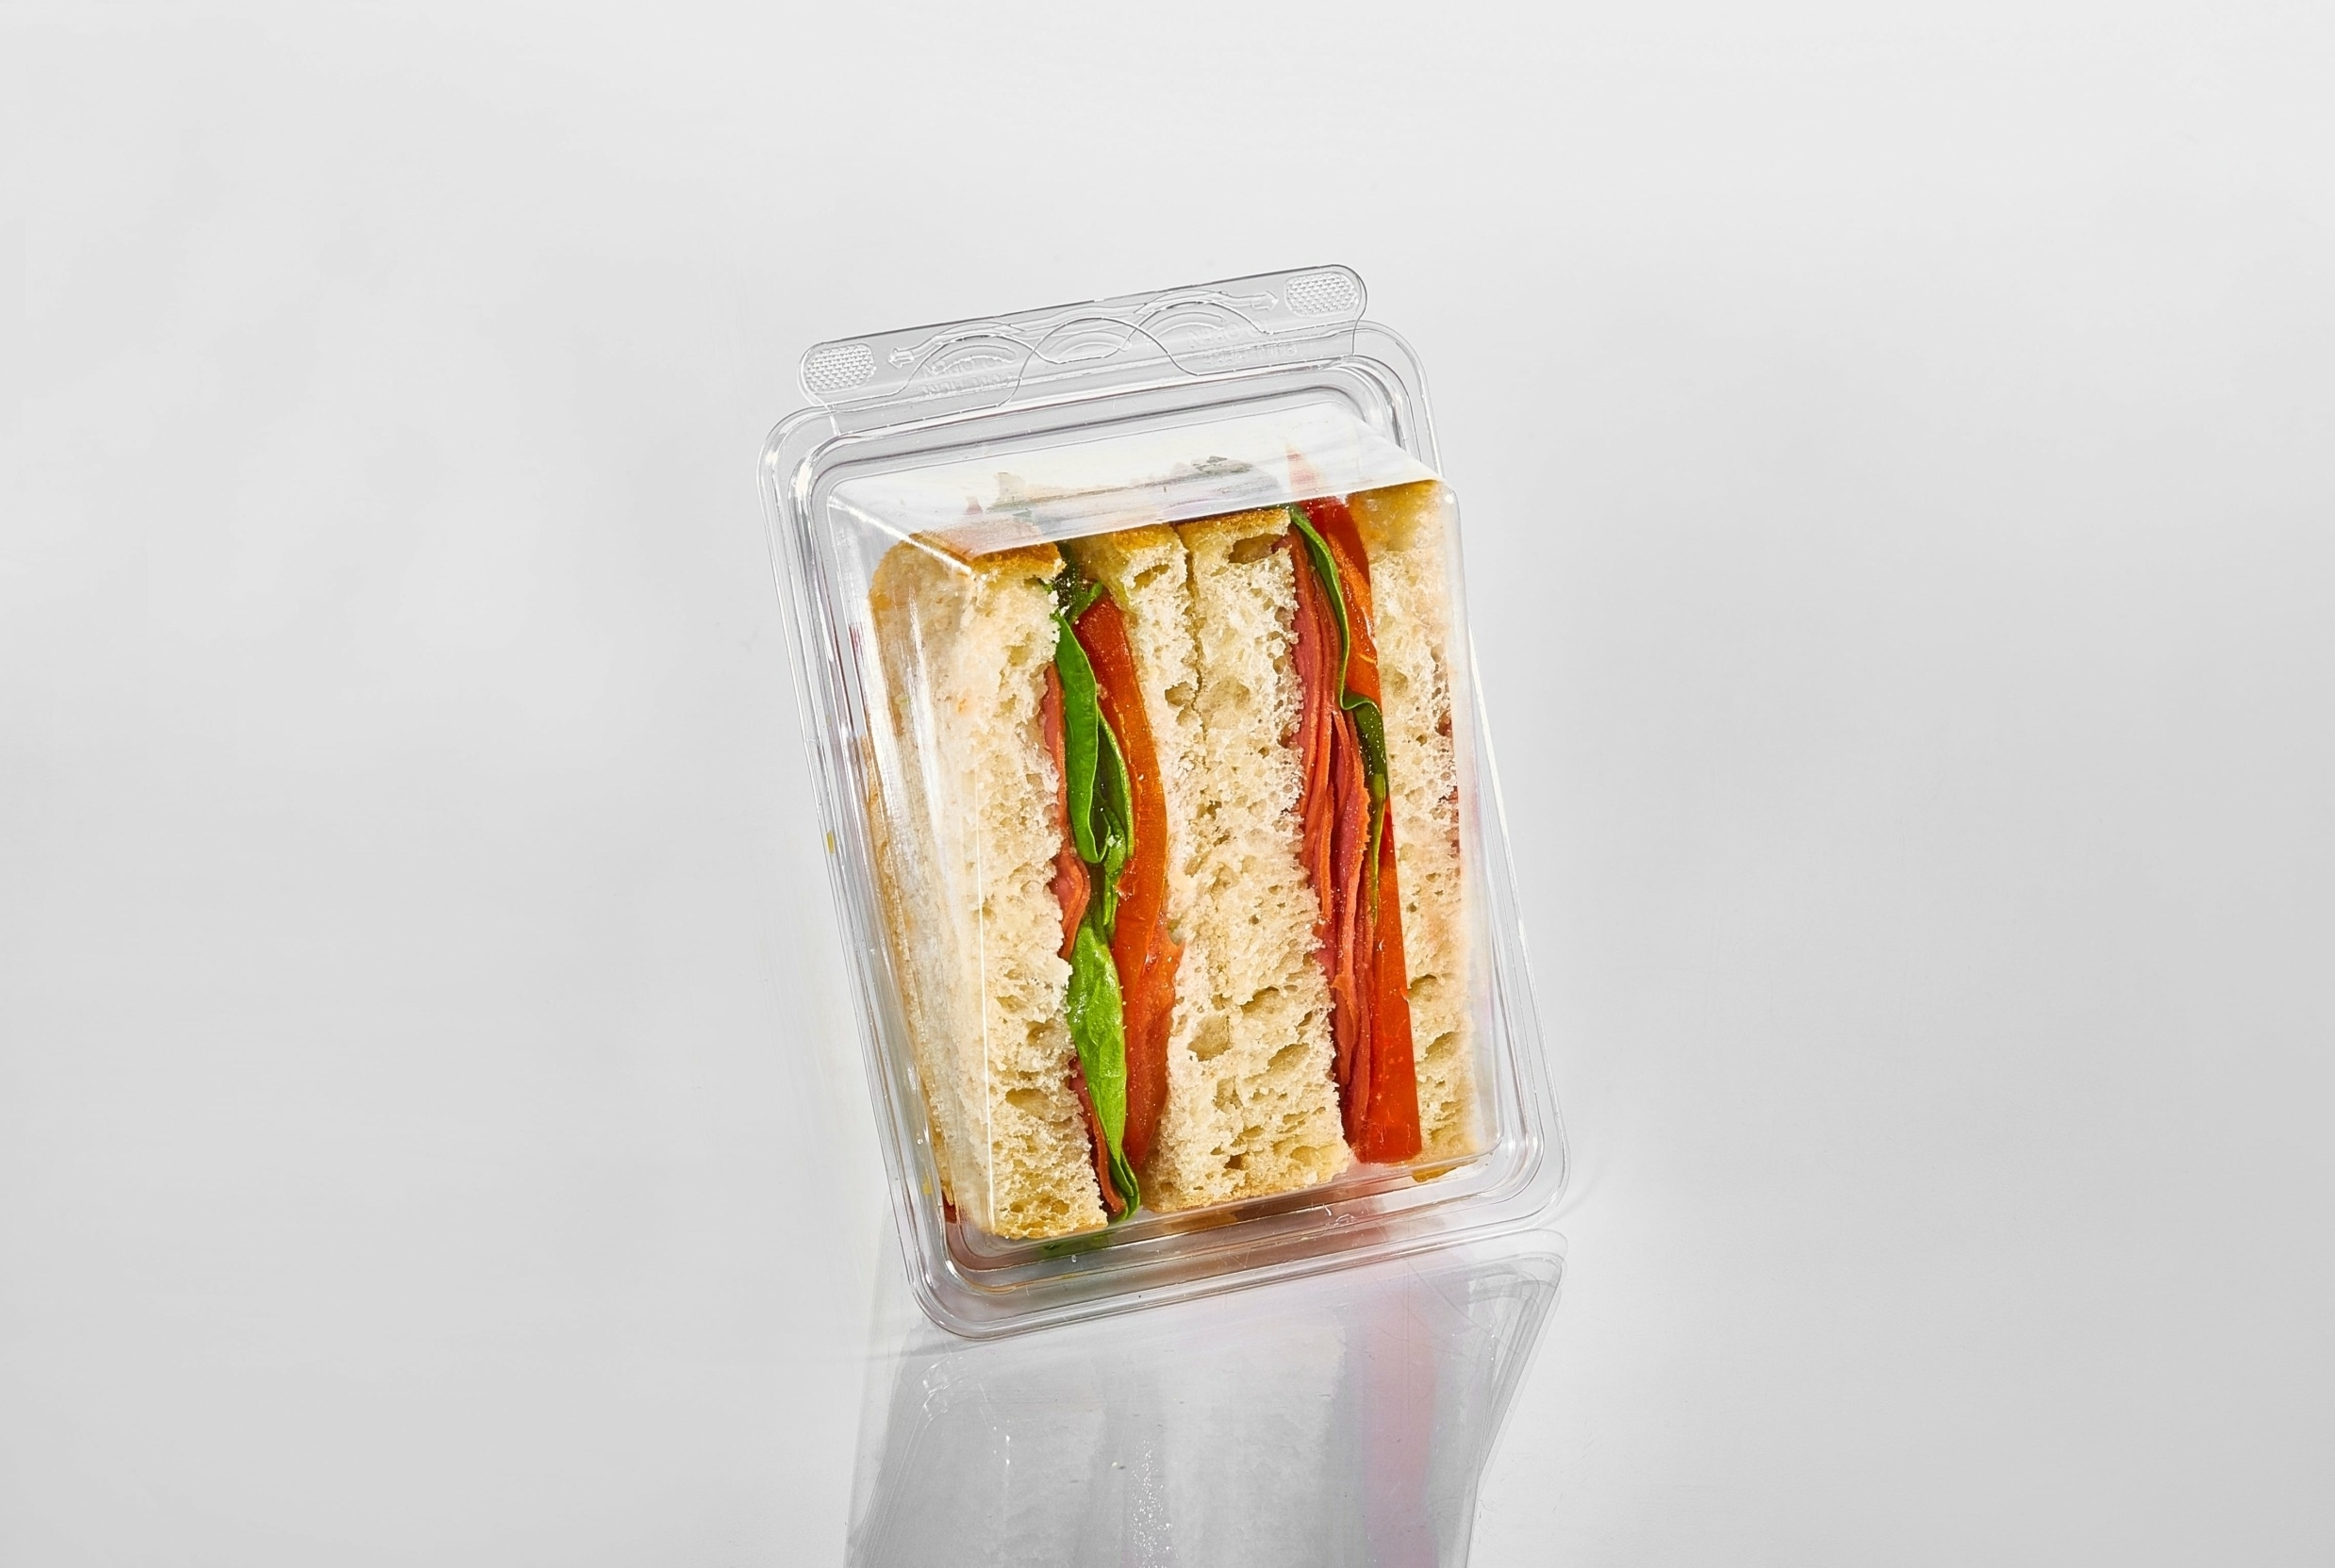 T23960 Standing Cut Sandwich 2